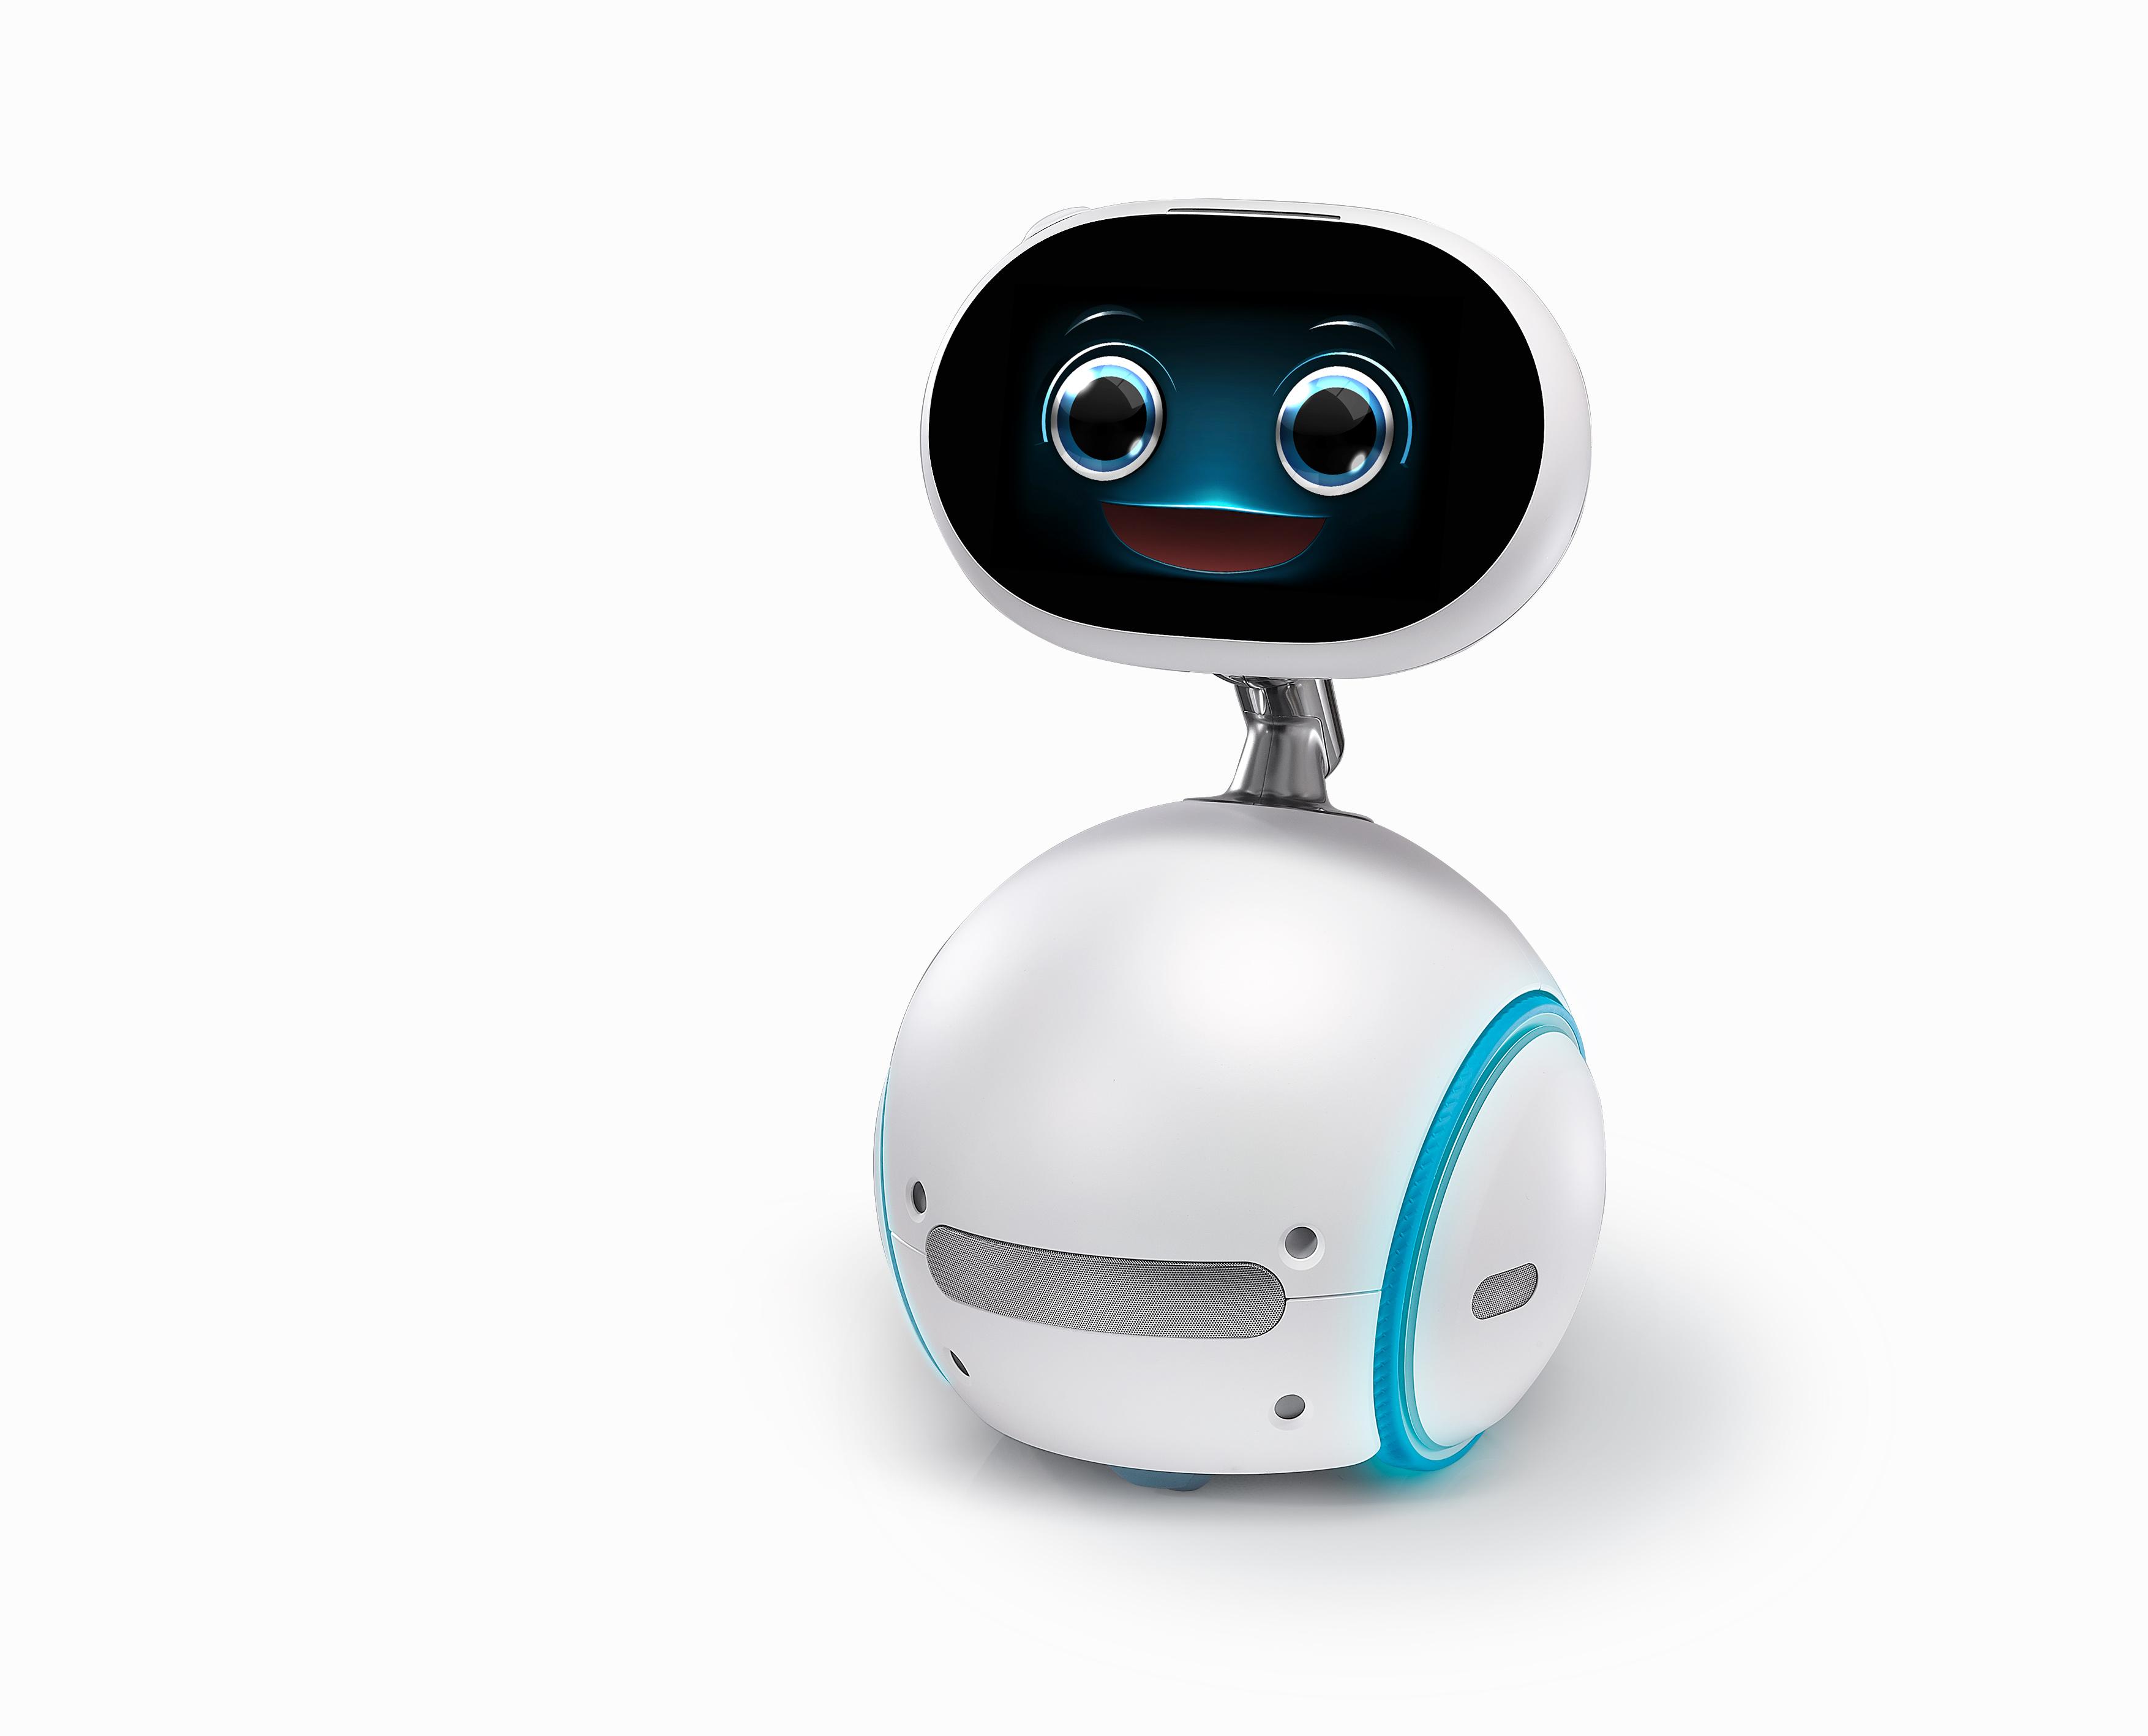 Zenbo Le Robot Domestique D Asus N Est Pas Mort Tech Numerama